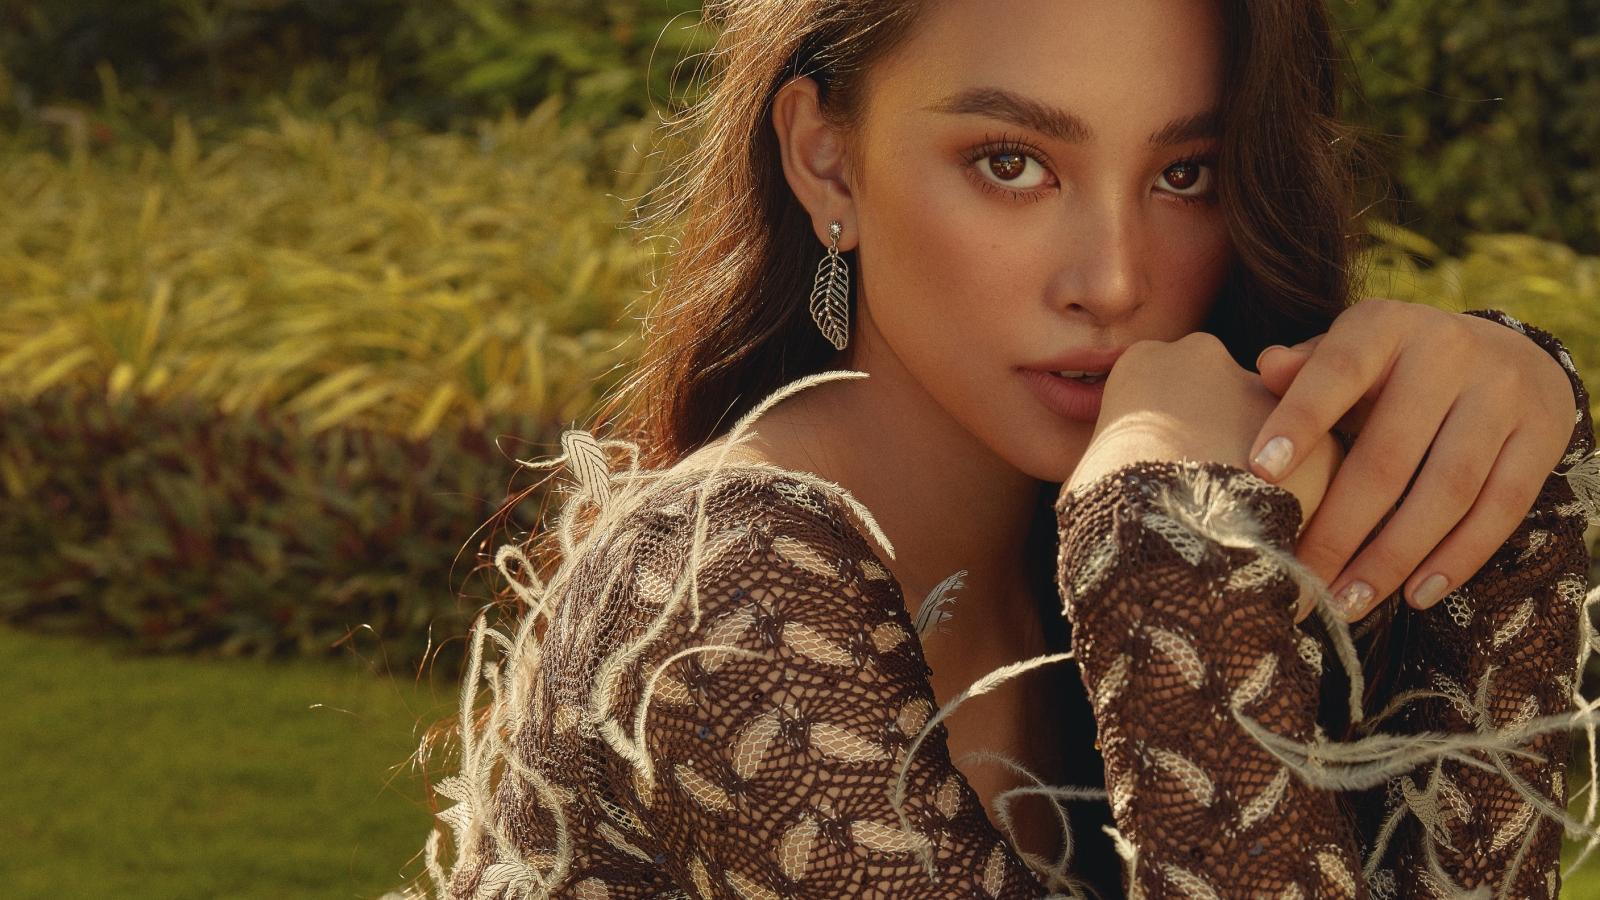 Hoa hậu Tiểu Vy lột xác trong bộ ảnh mới sau khi kết thúc nhiệm kỳ